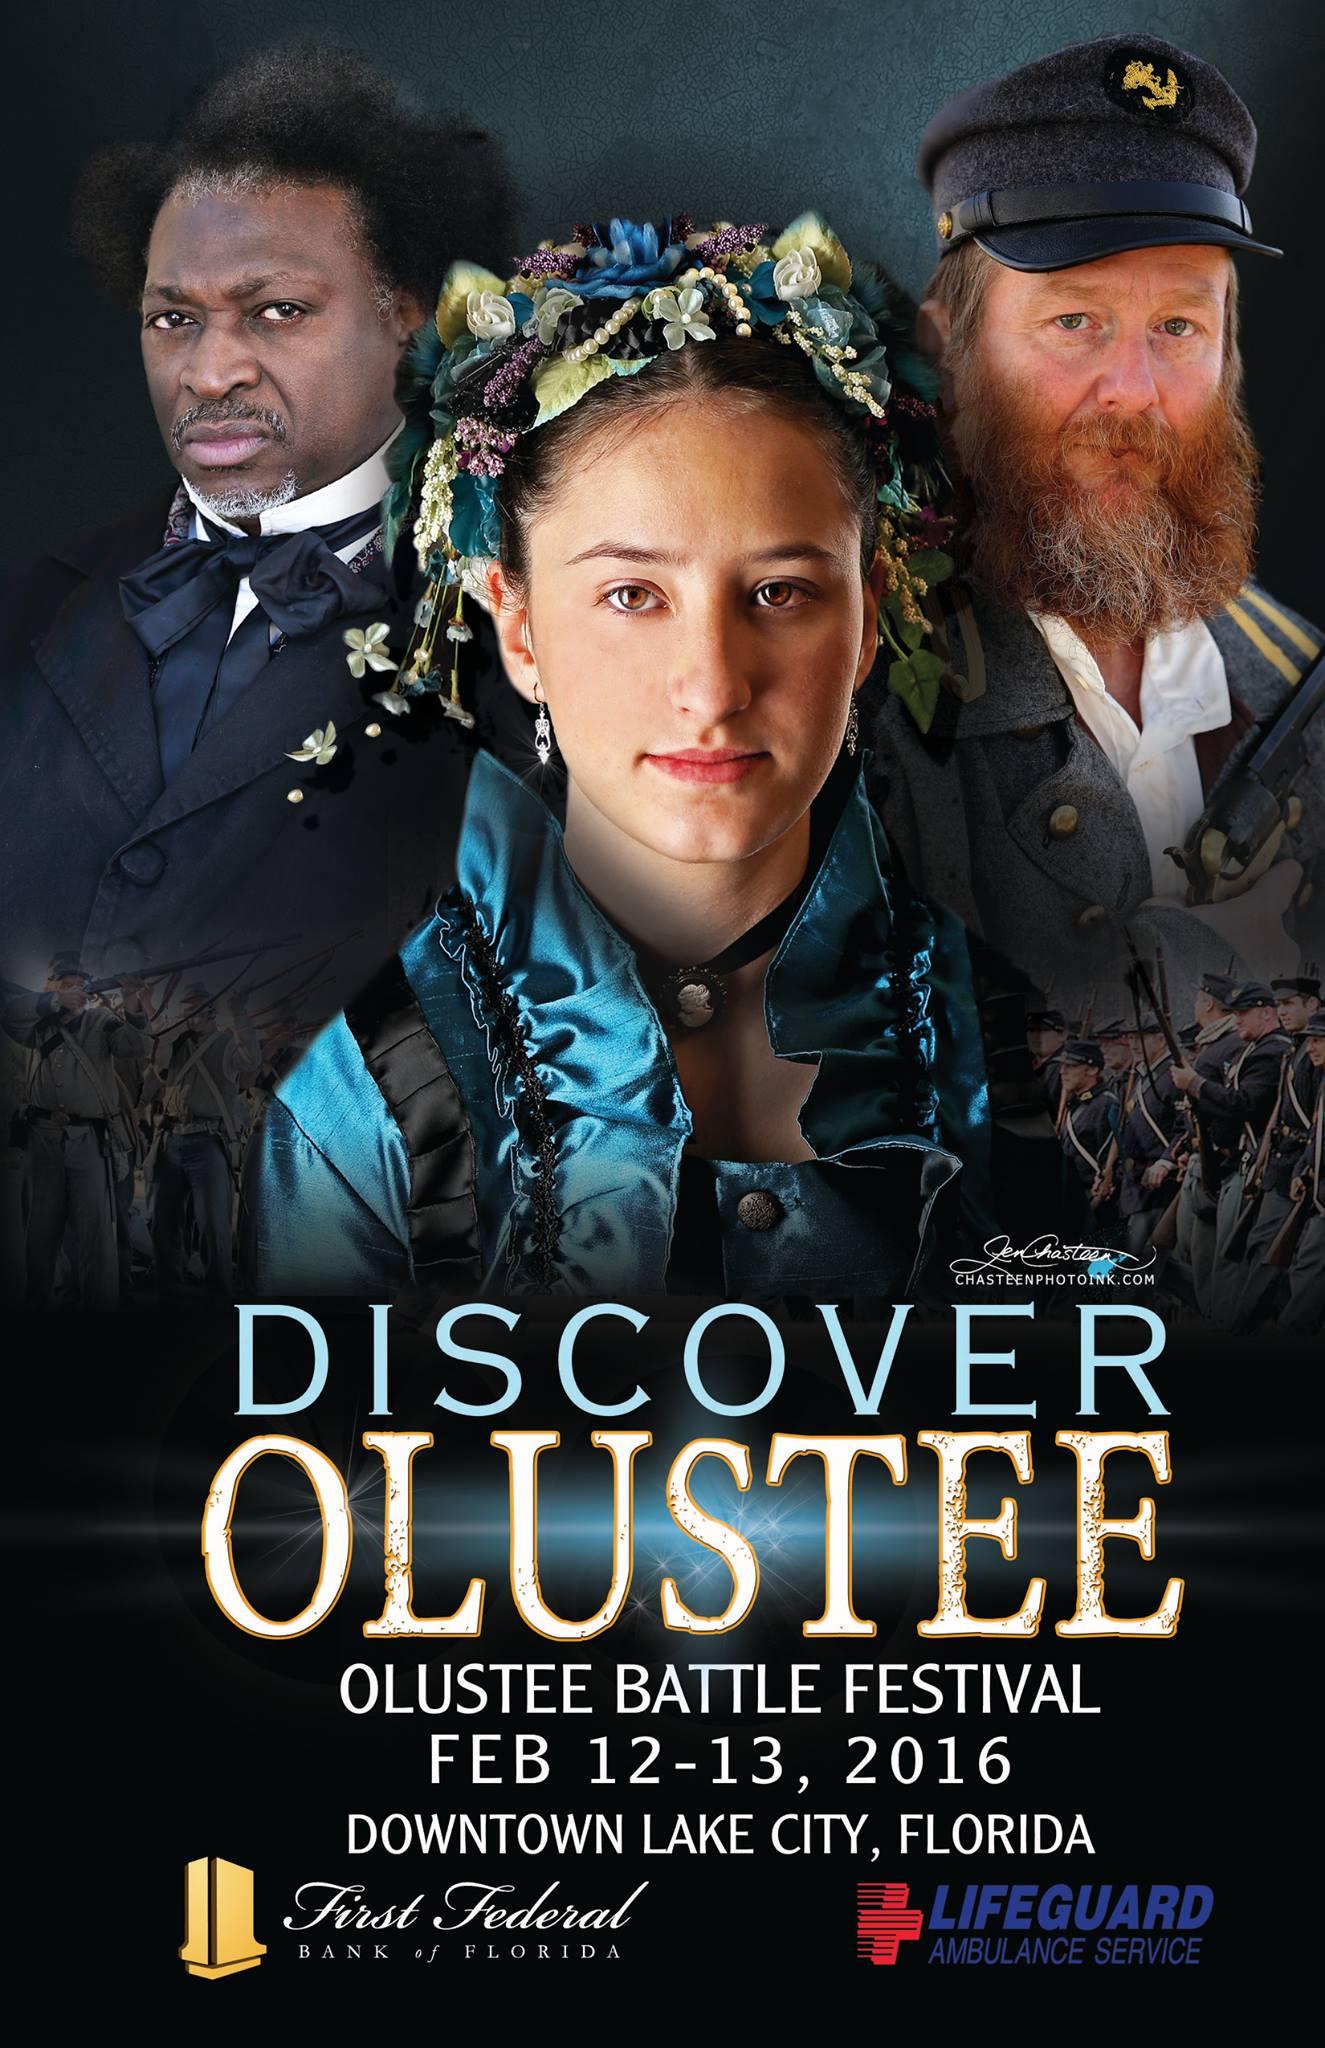 38th Annual Olustee Festival and Olustee Battle Reenactment